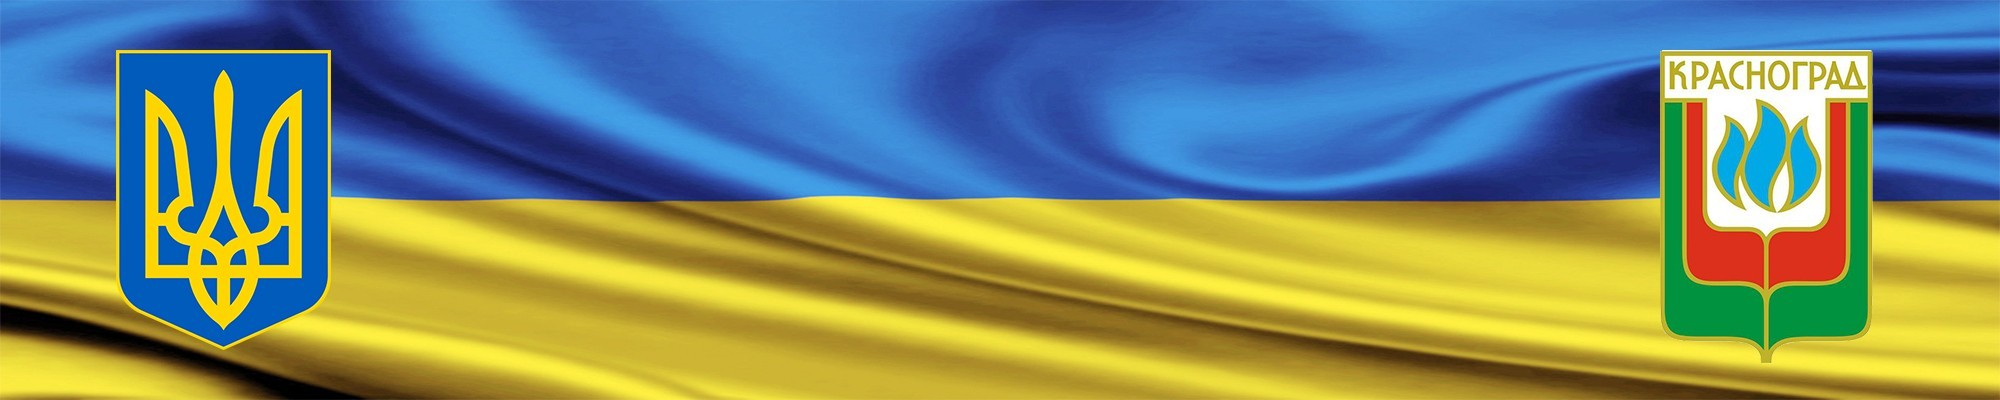 Красноградська міська рада